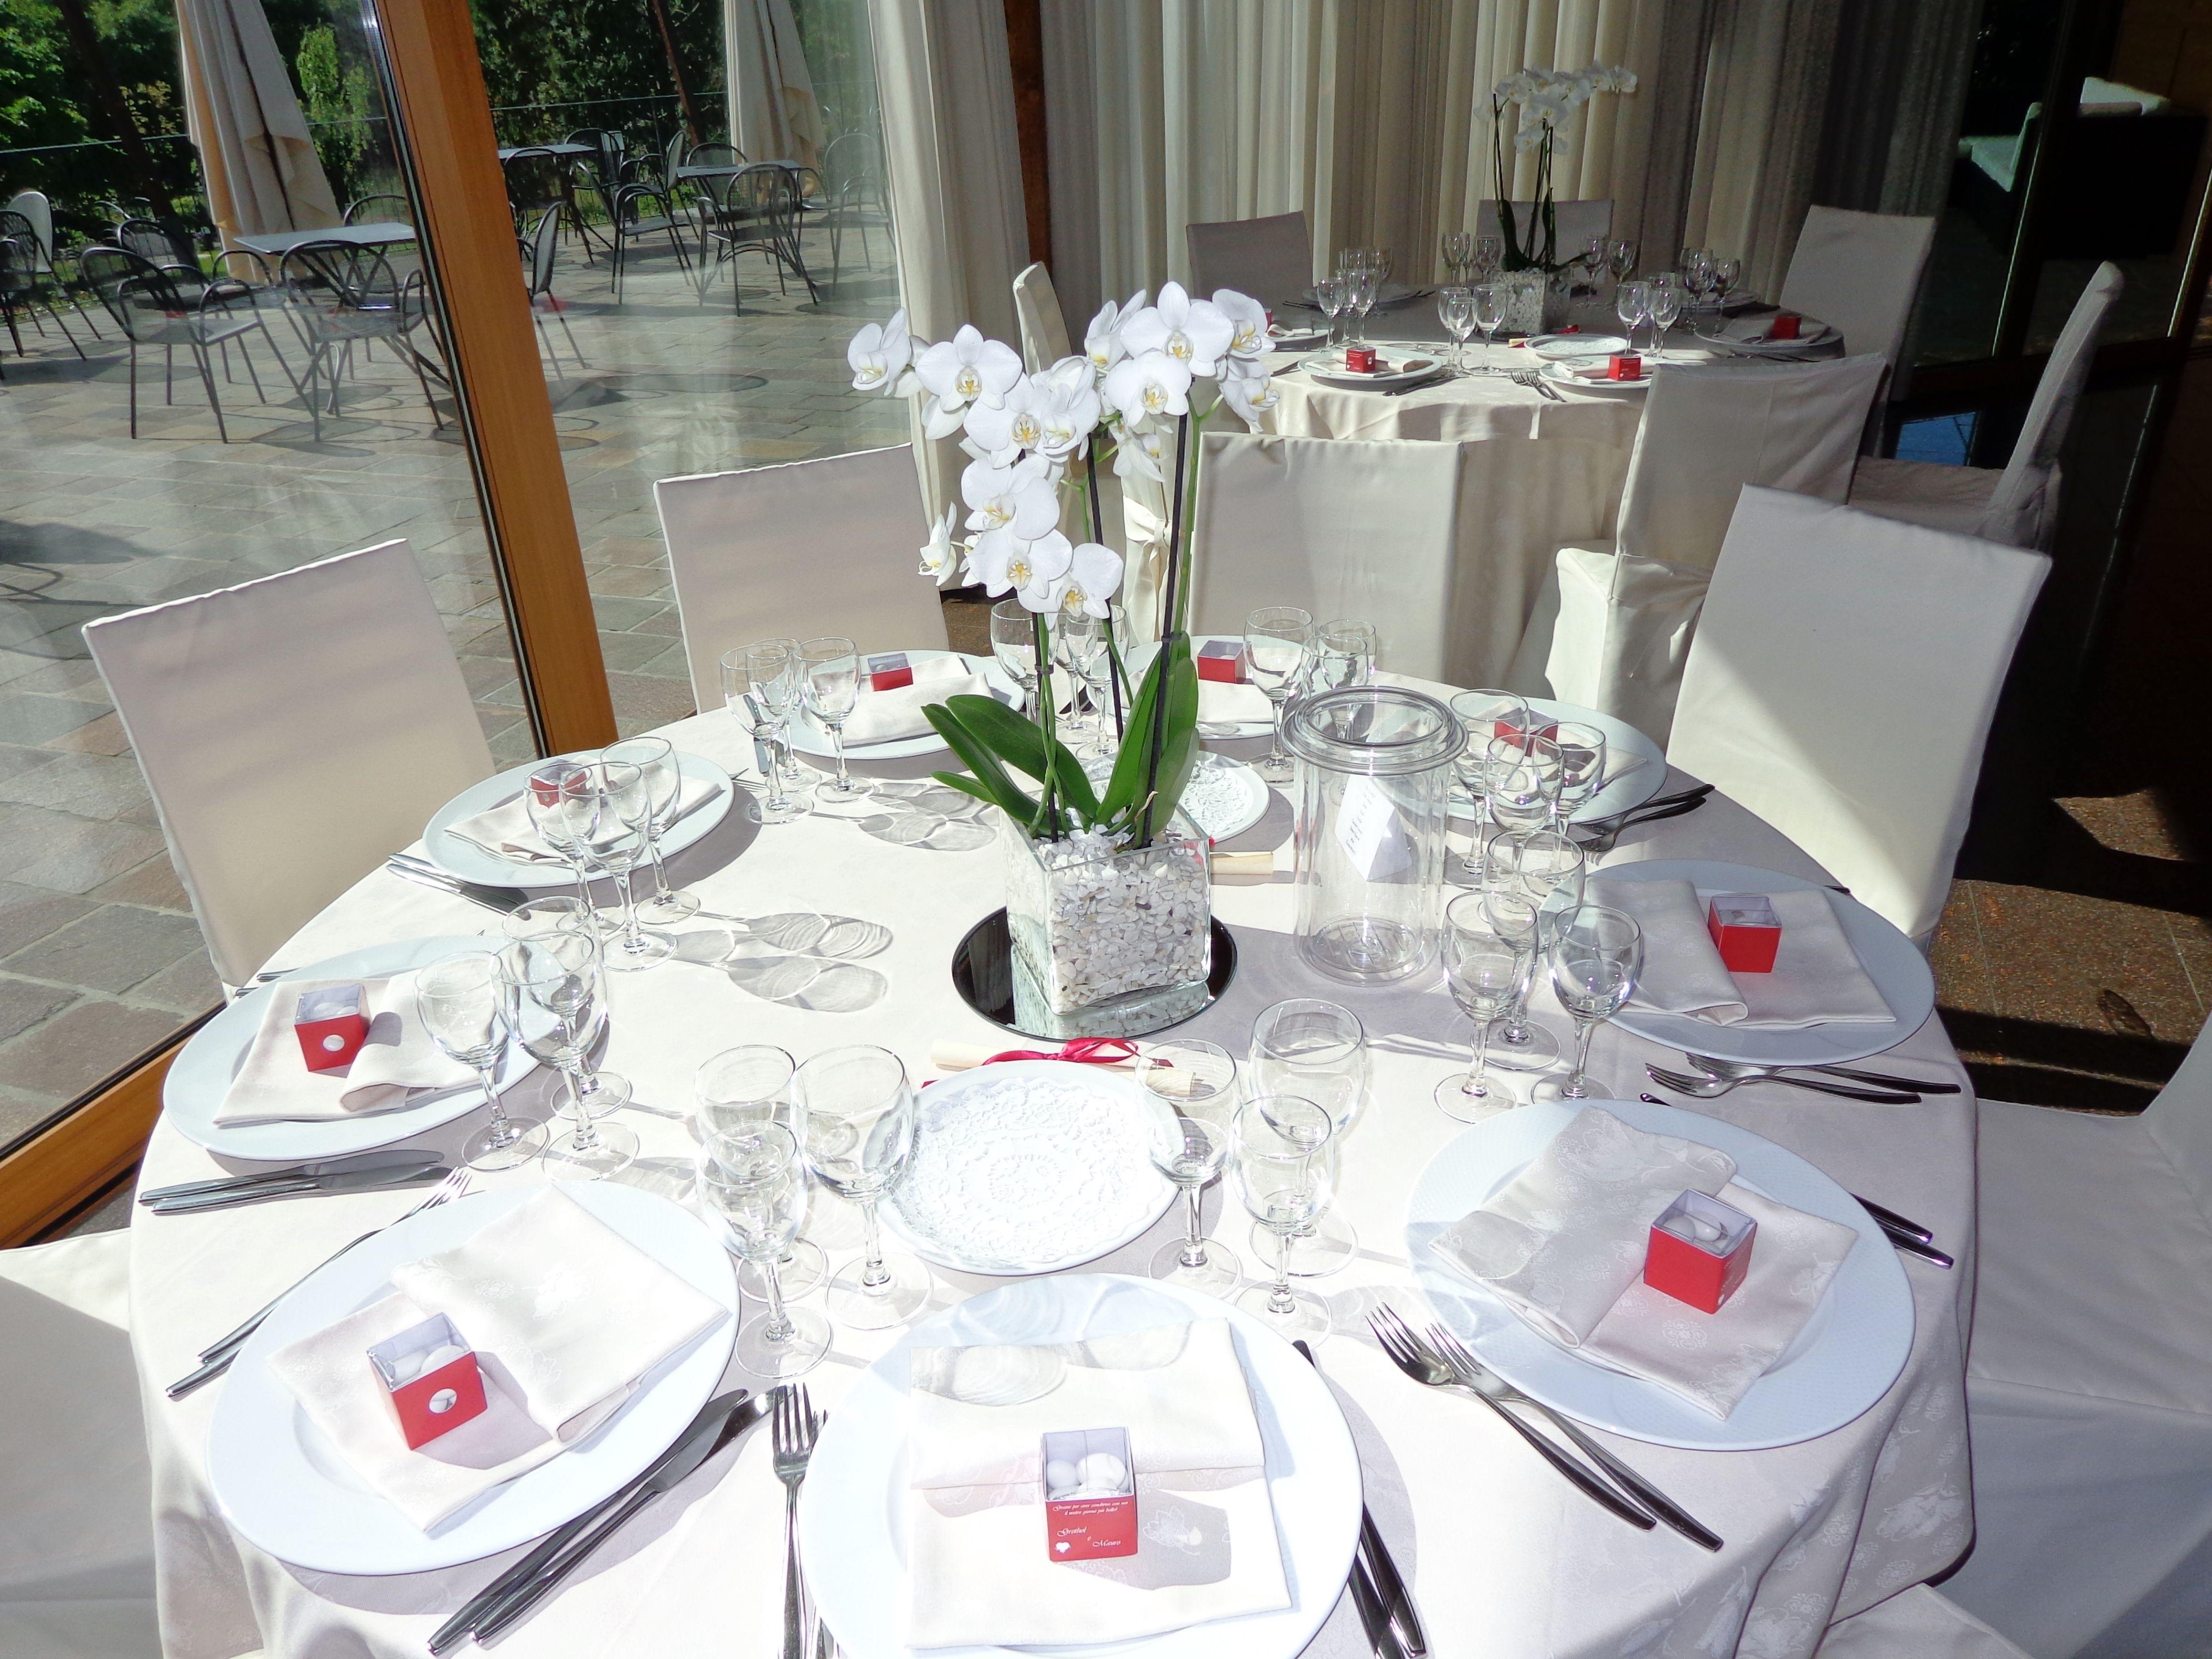 Tavolo Matrimonio ~ Allestimento tavolo per pranzo nozze al ristorante croce di malta